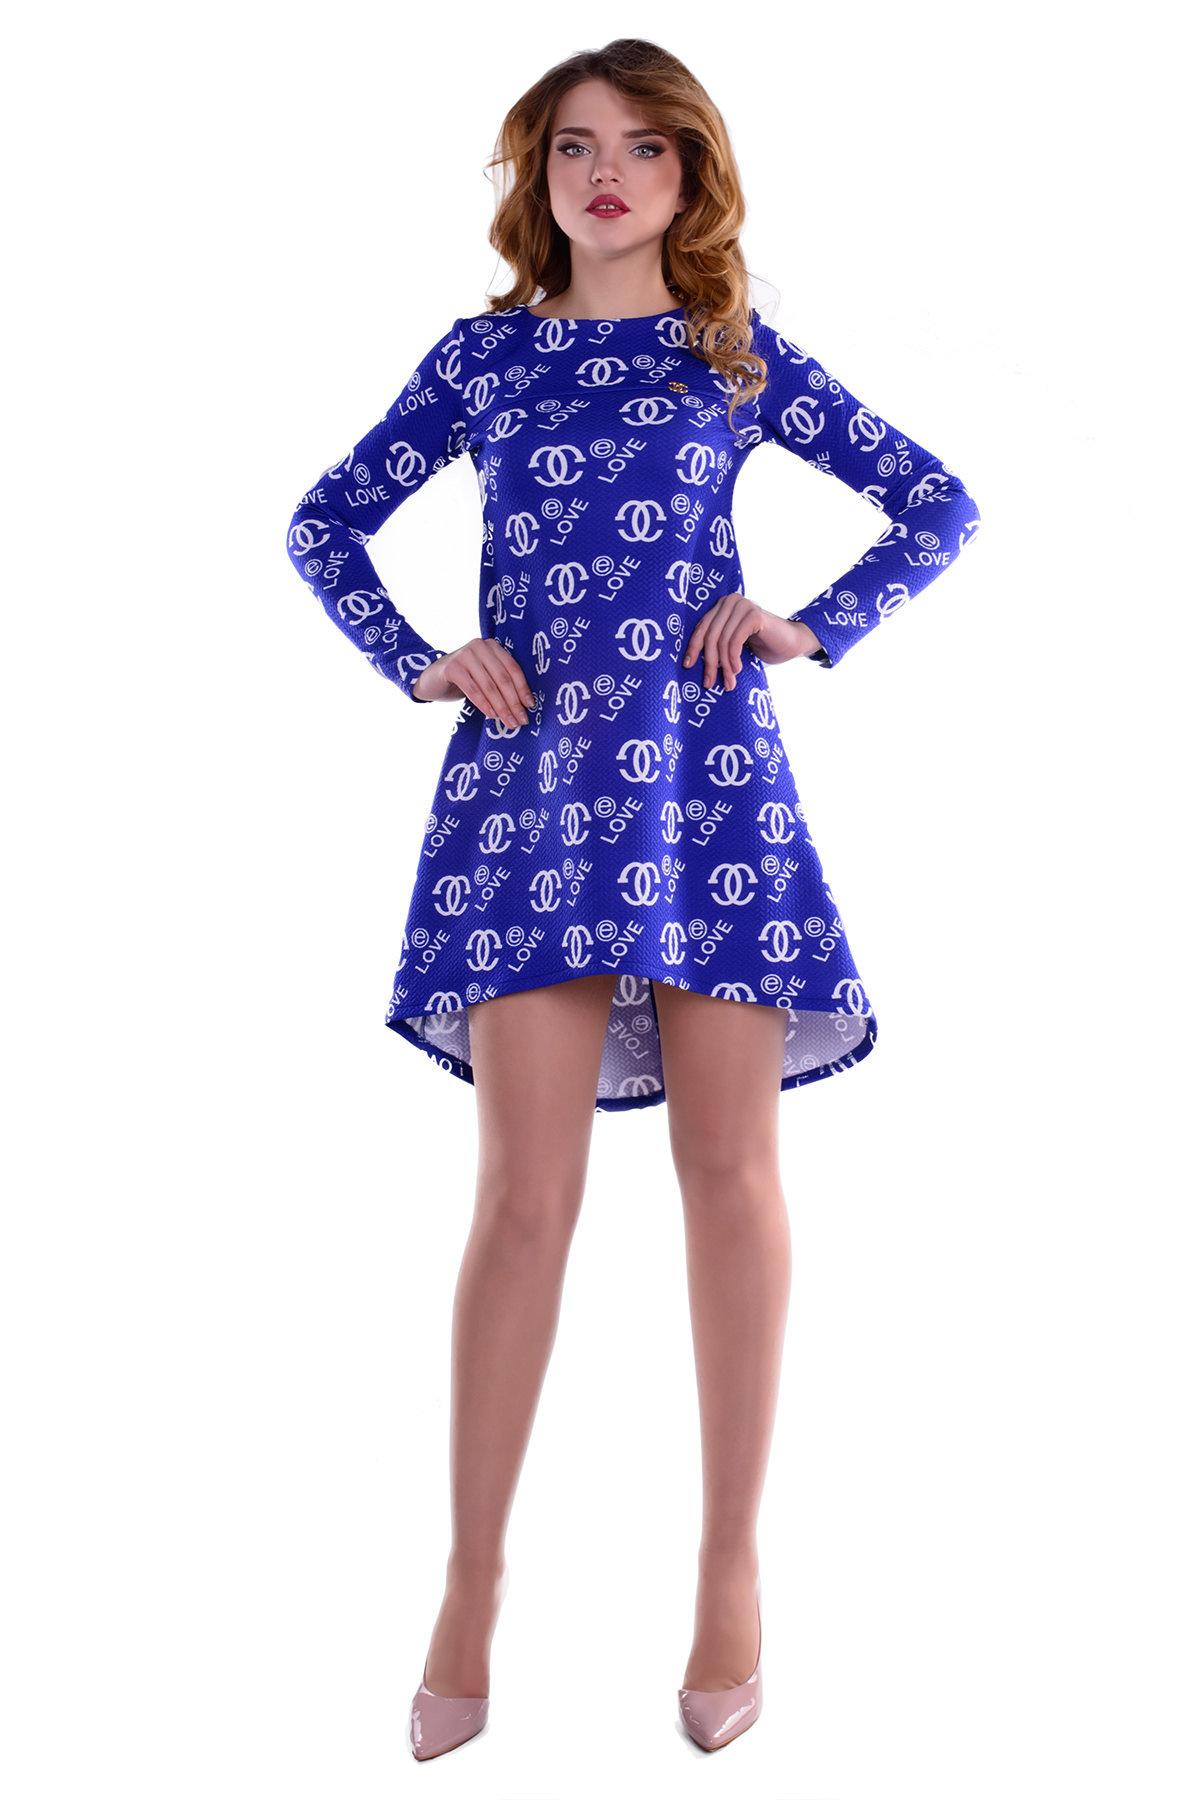 Оптовый интернет-магазин платьев Modus Платье Варна Chanel